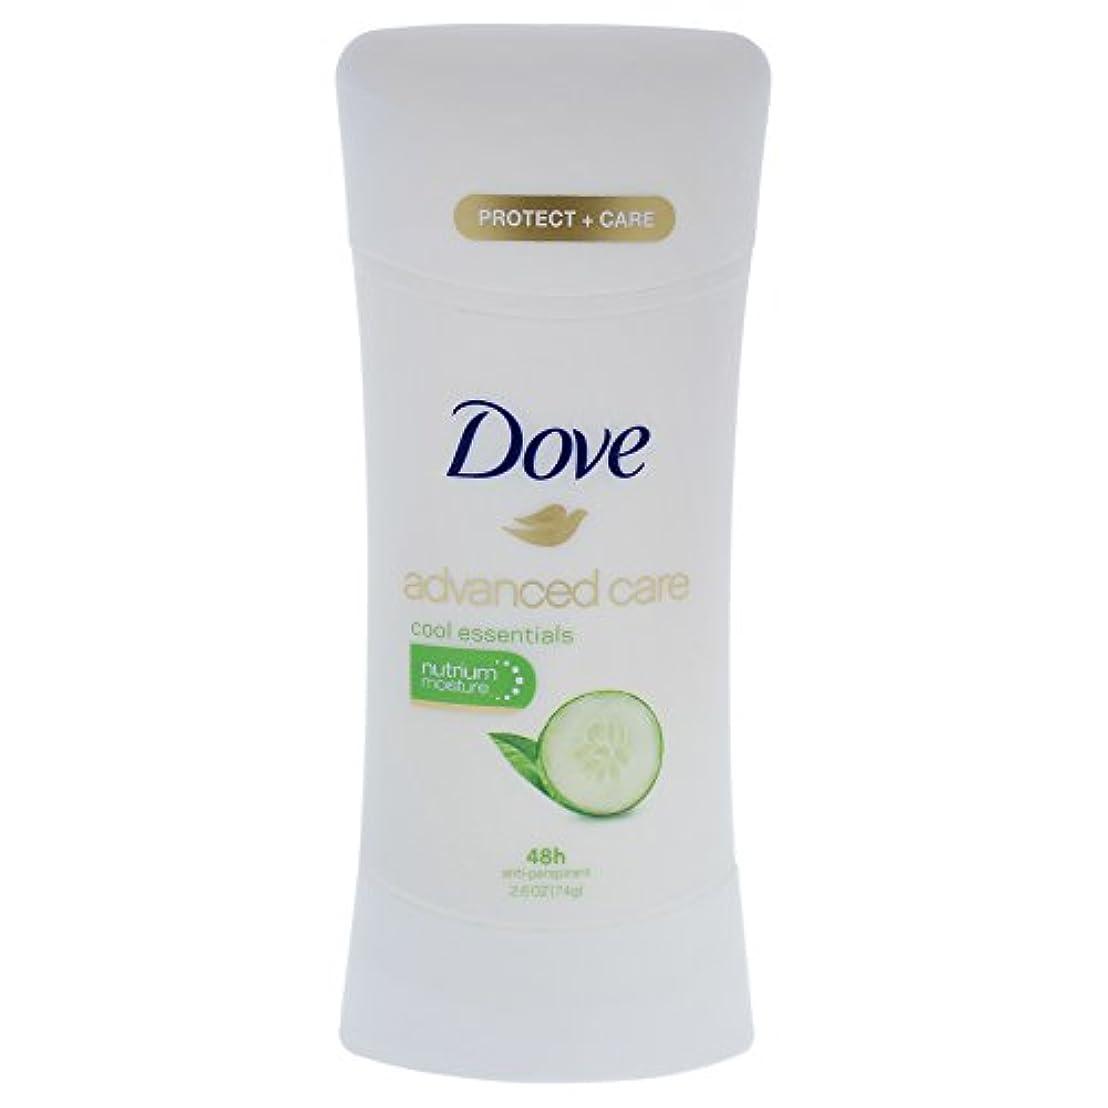 緊張するキャンディー合成Dove Advanced Care Cool Essentials Deodorant - 2.6oz ダブ アドバンスド ケア クールエッセンシャル デオドラント 74g [並行輸入品]